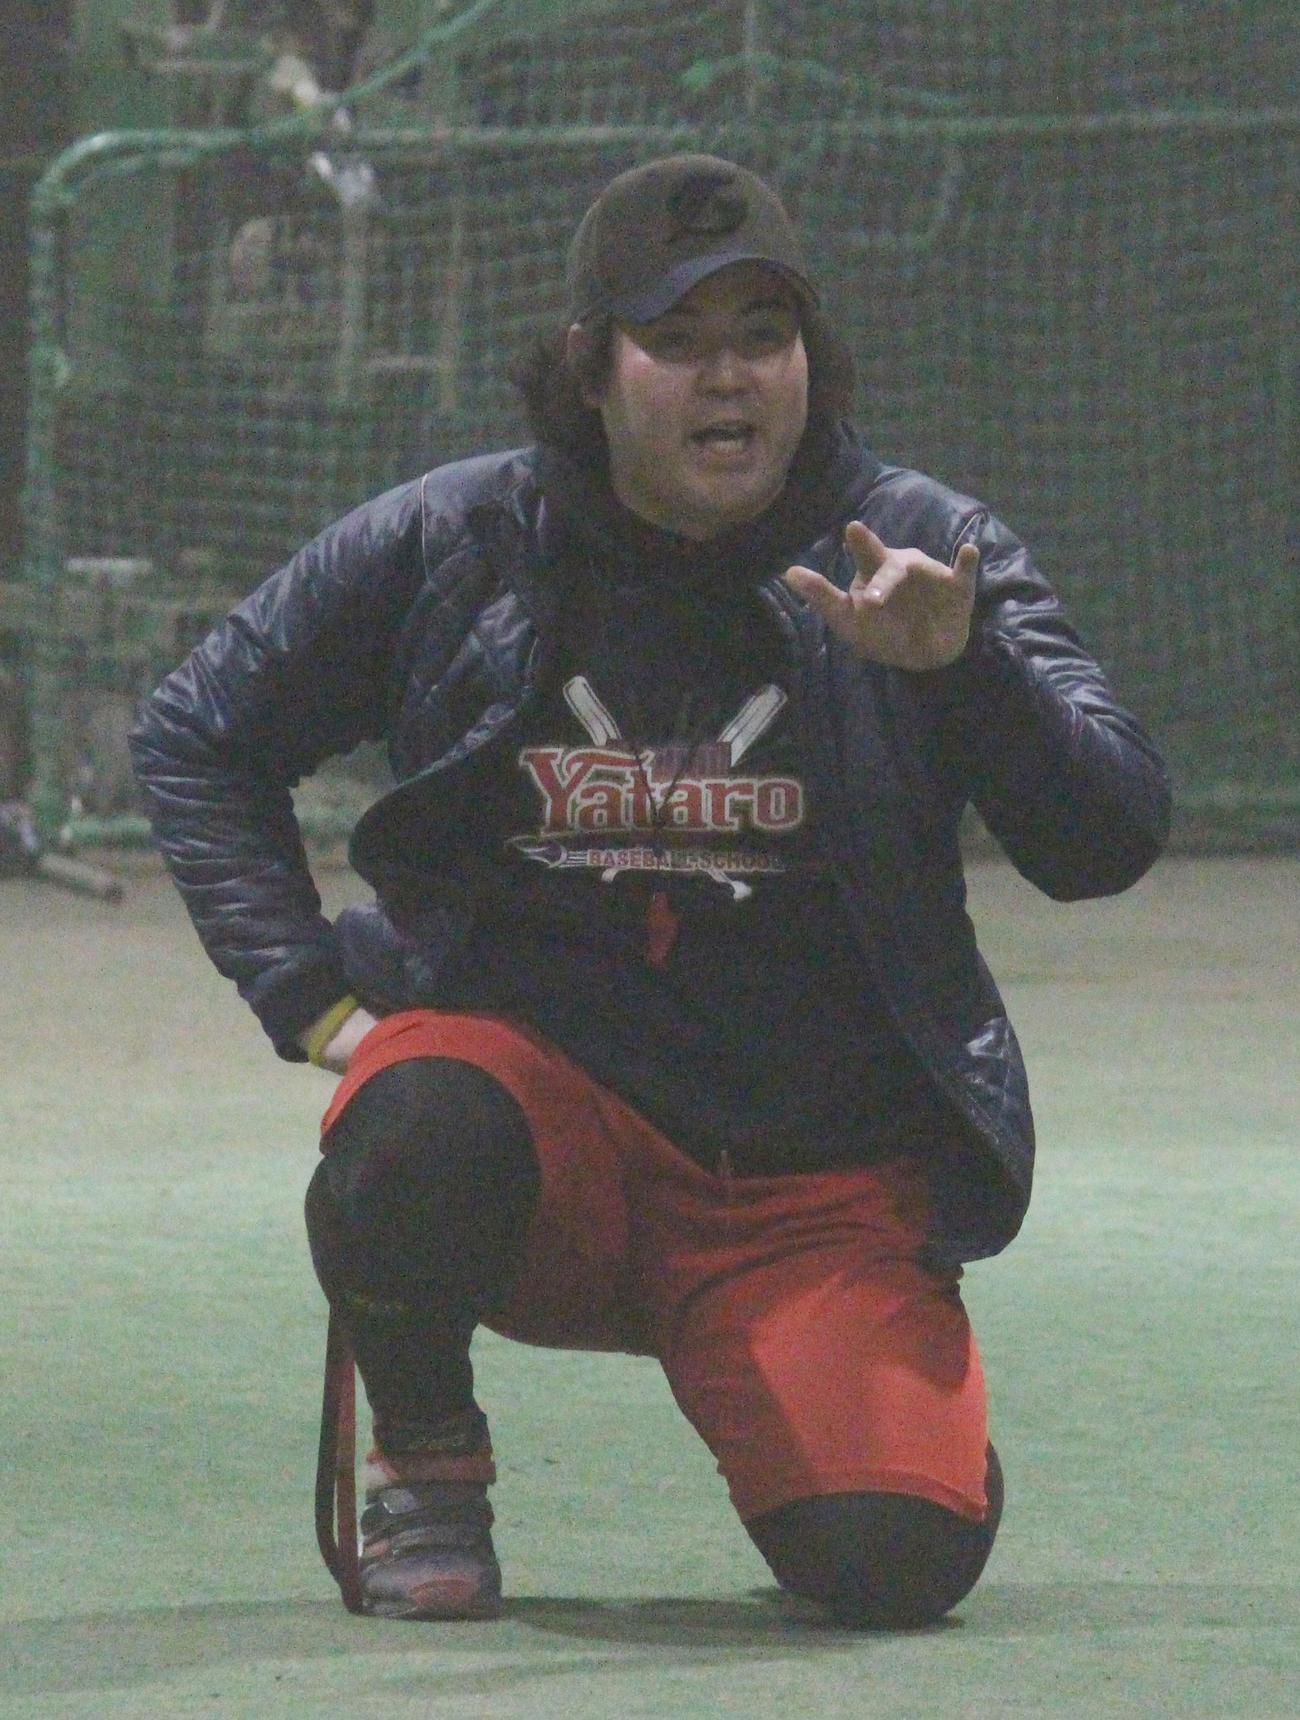 野球スクールで指導する坂元弥太郎さん=2021年1月20日